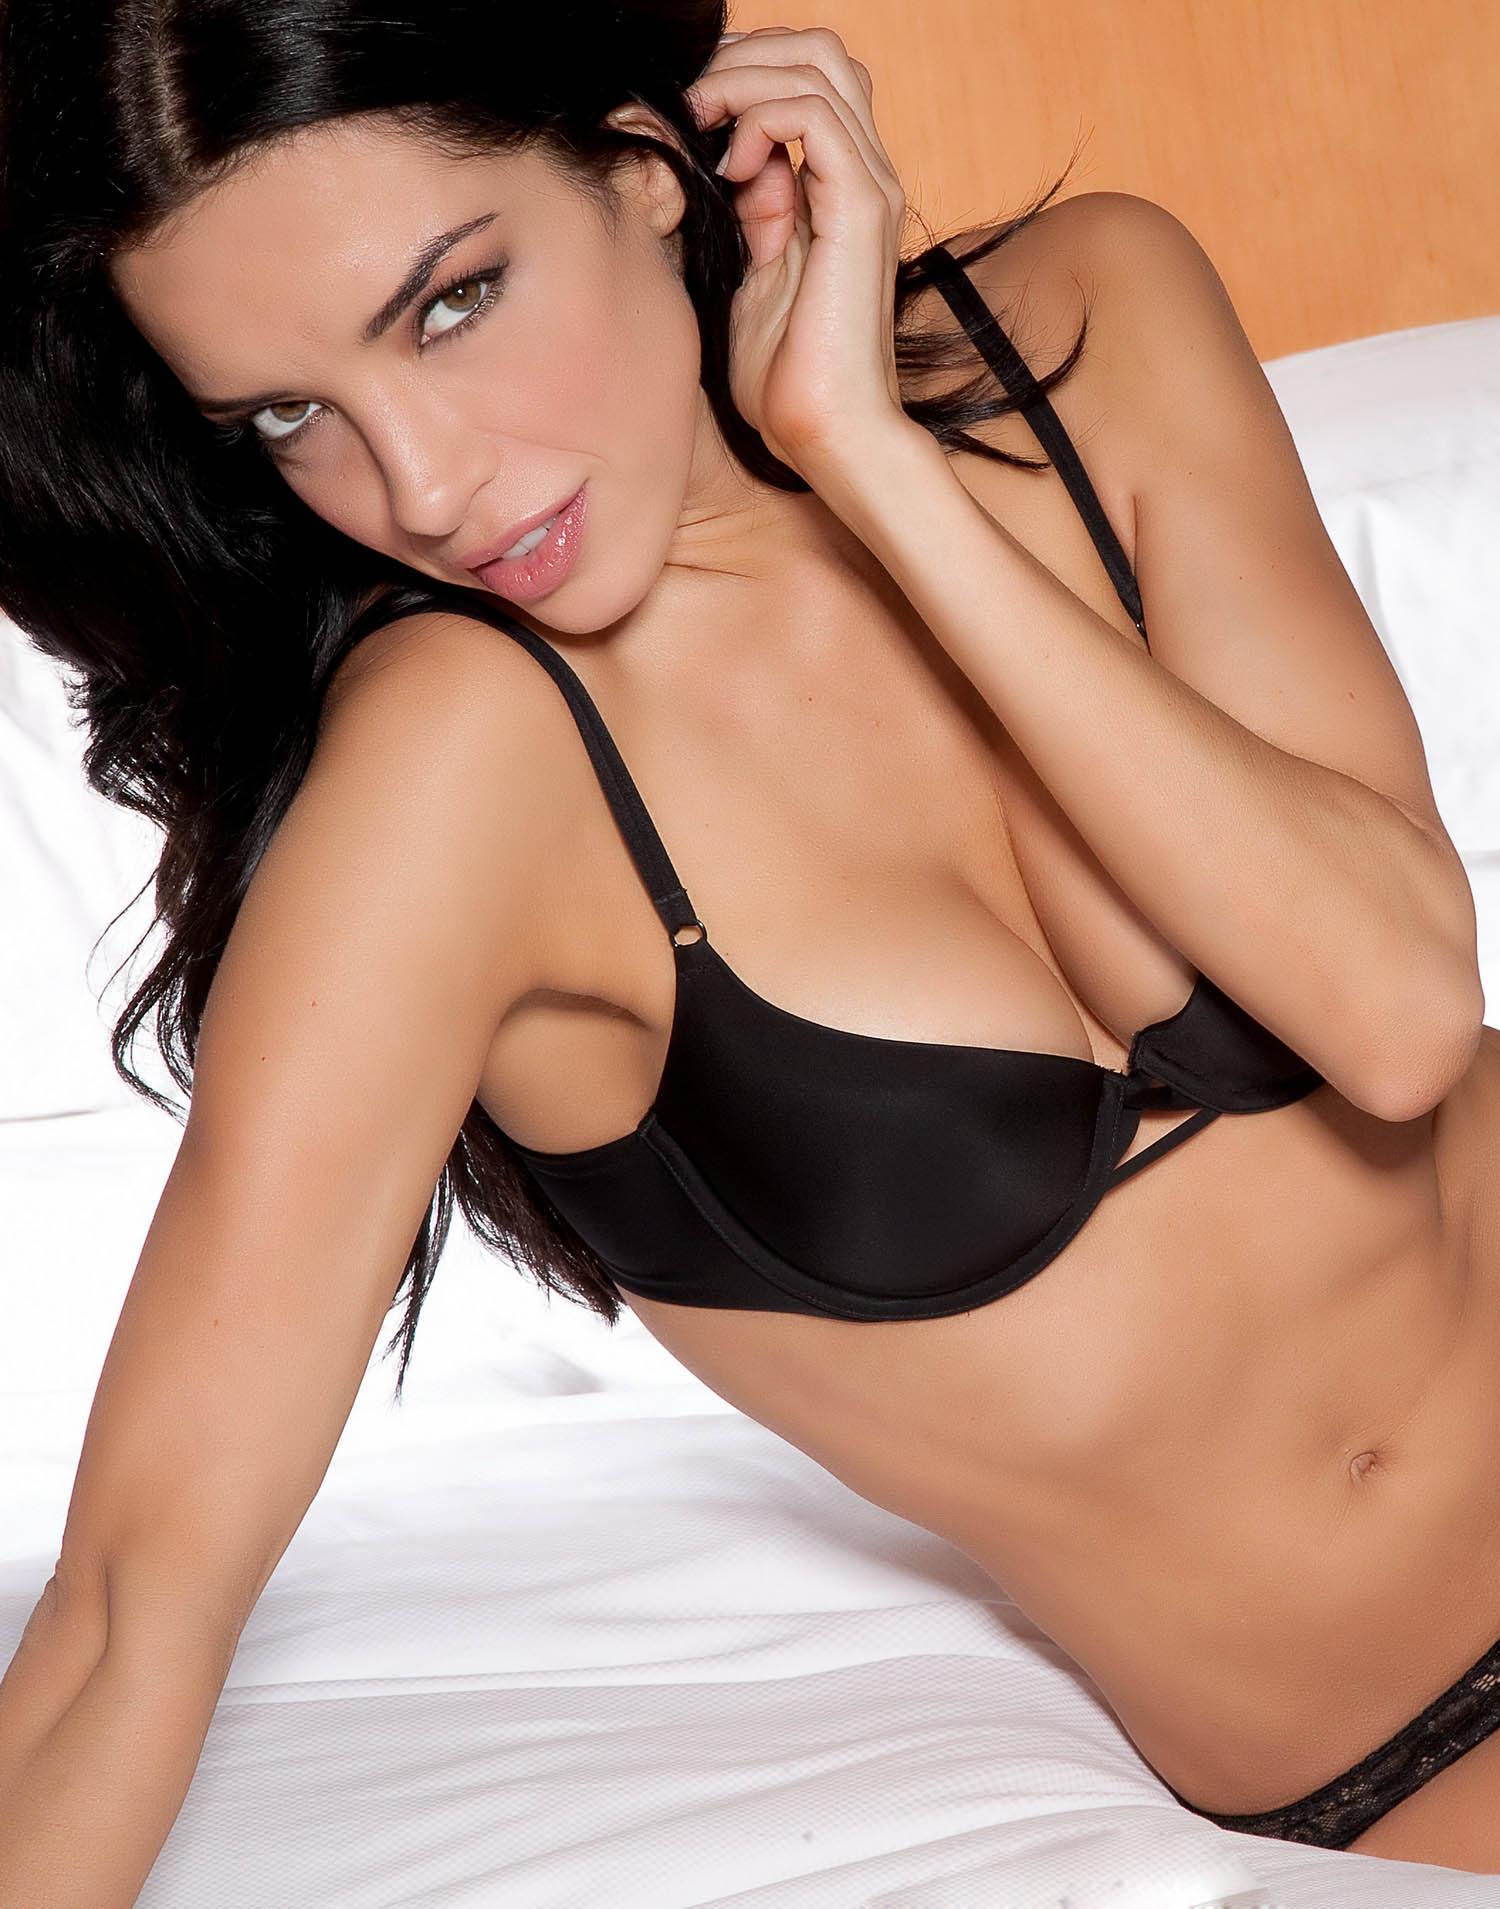 Секси мексиканка онлайн 22 фотография